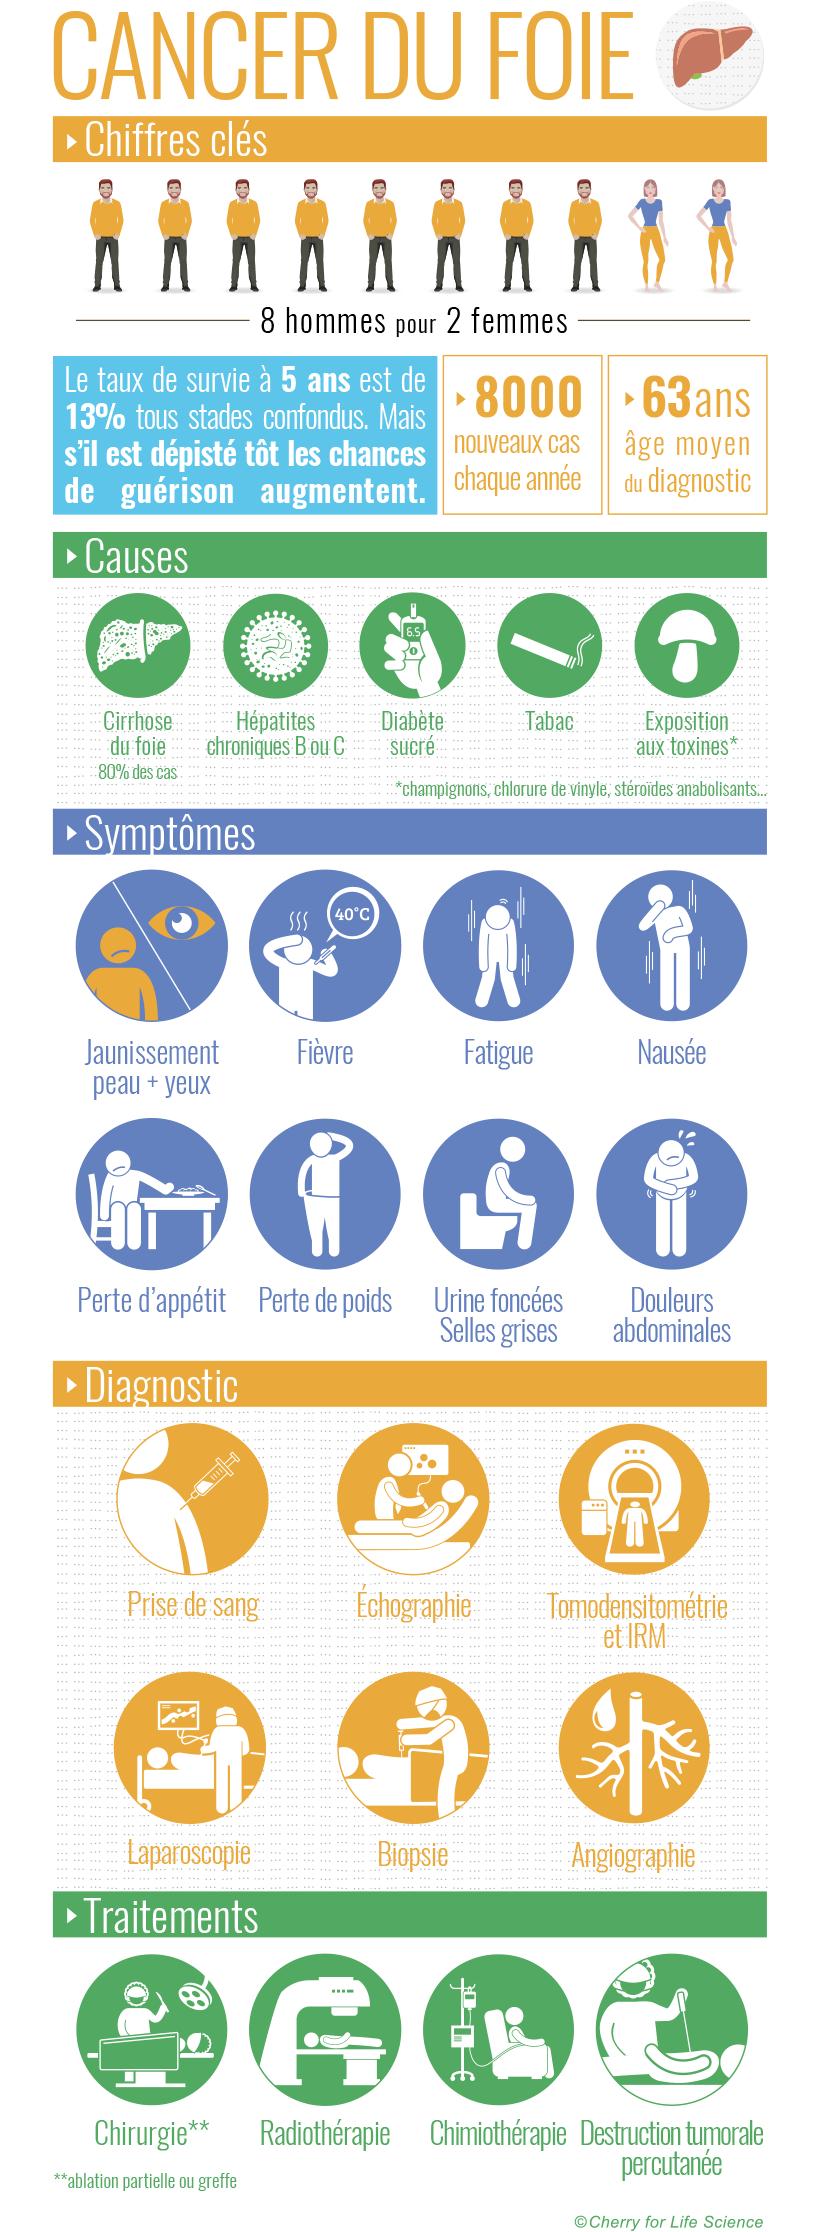 Cancer du foie : Facteurs de risque - Symptômes - Diagnostic ...